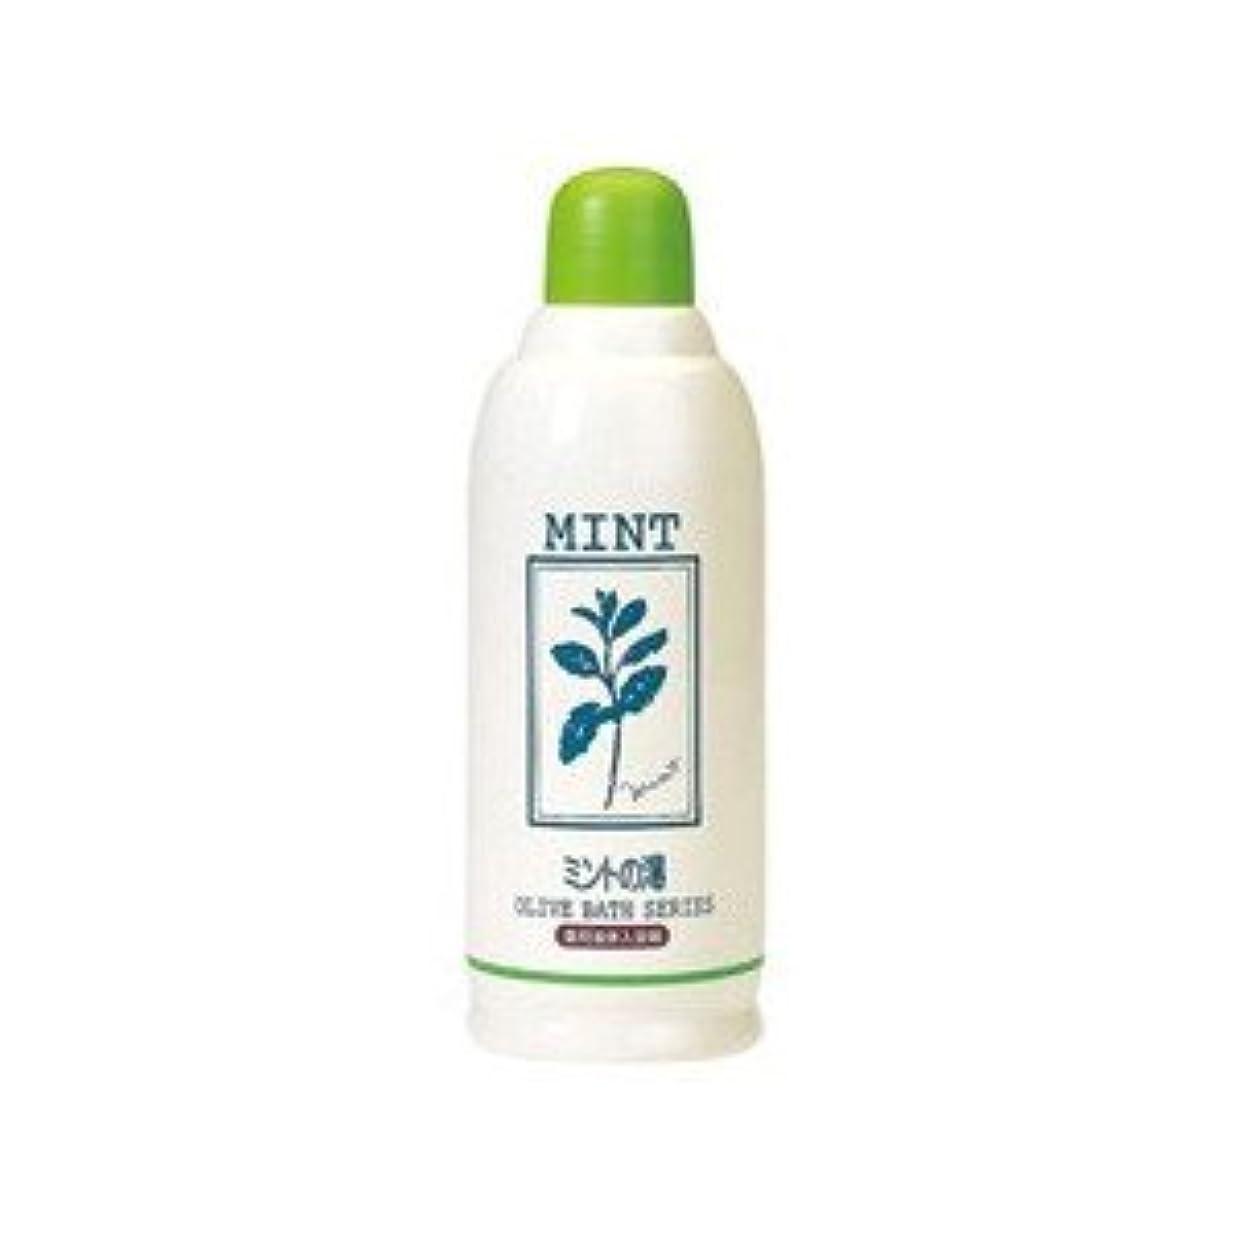 二十砂の補充【5本】薬用オリーブの湯 ミントの香り